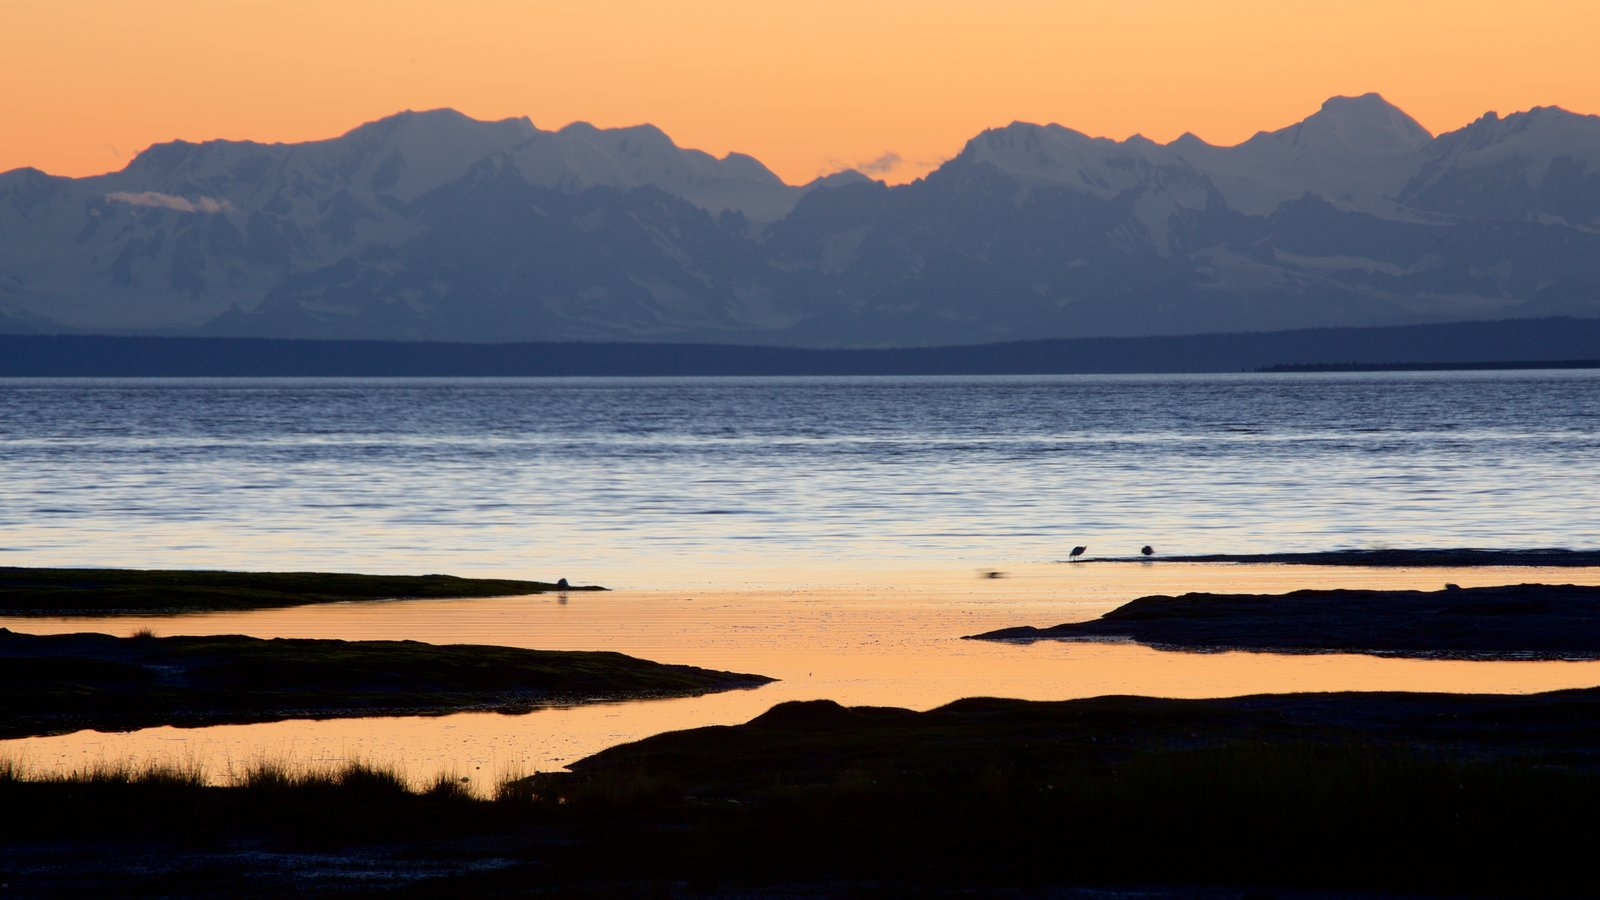 Anchorage ofreciendo una puesta de sol, montañas y vistas generales de la costa